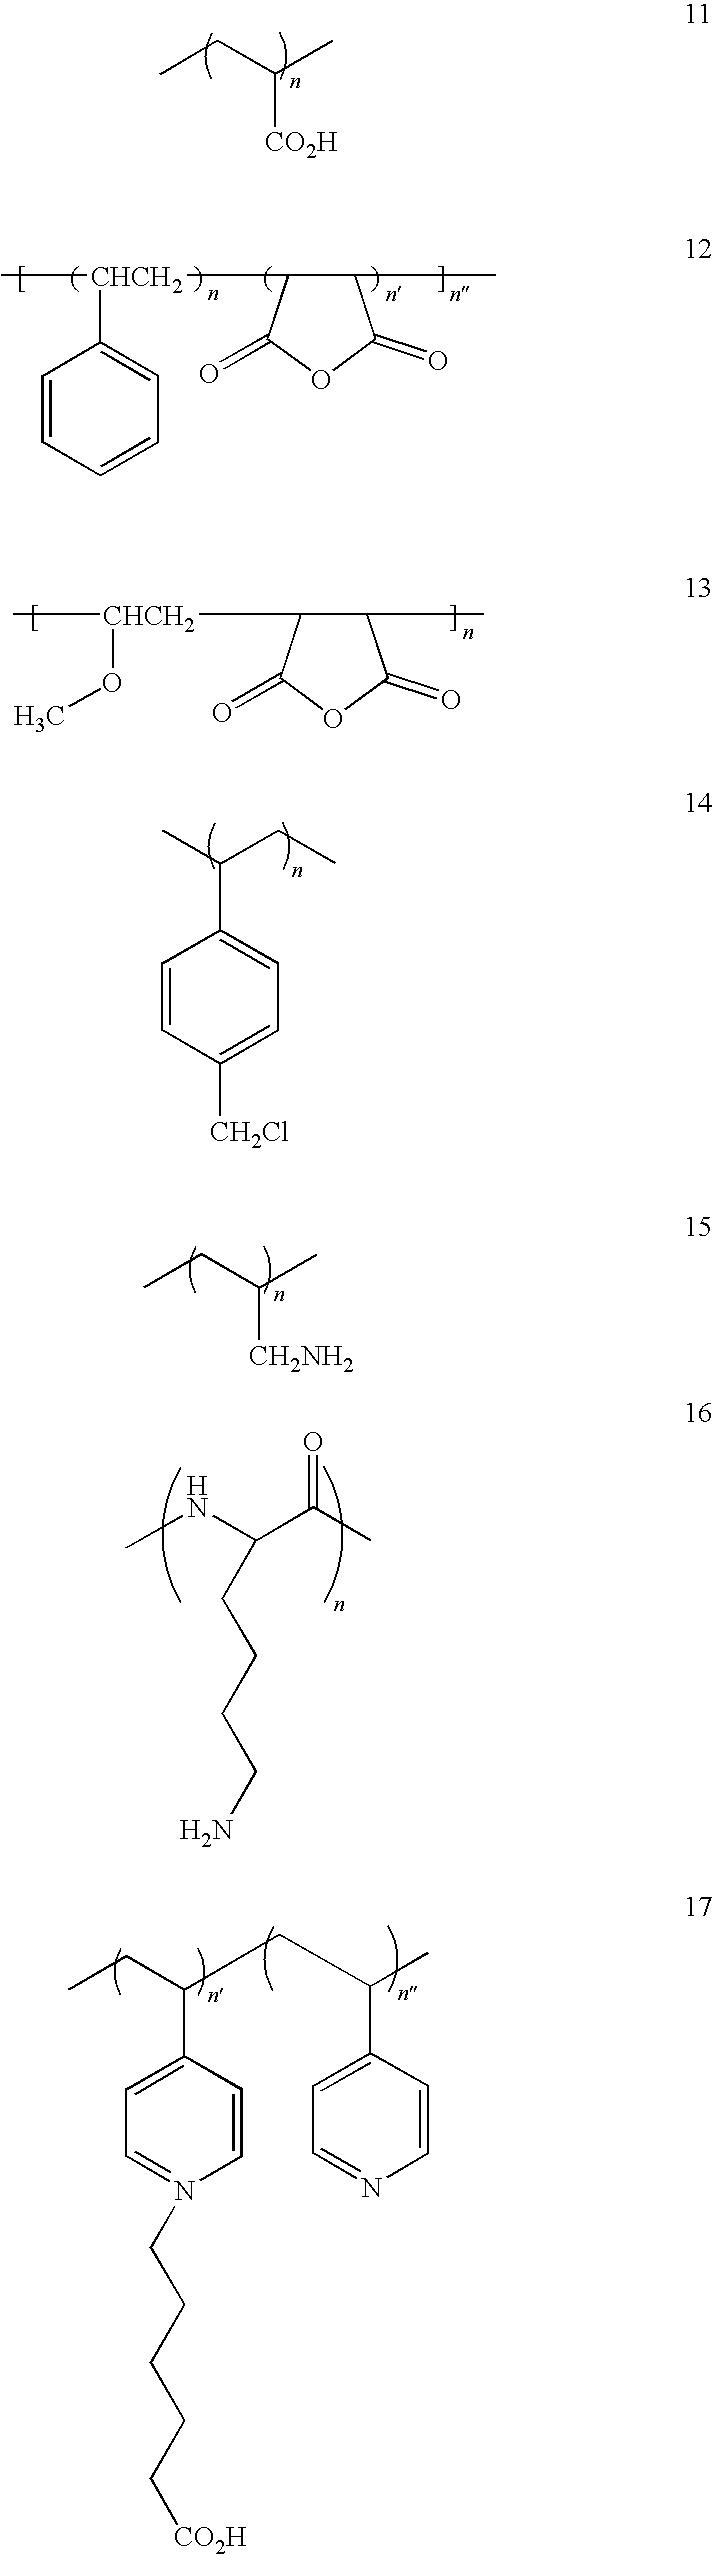 Figure US20090099434A1-20090416-C00024